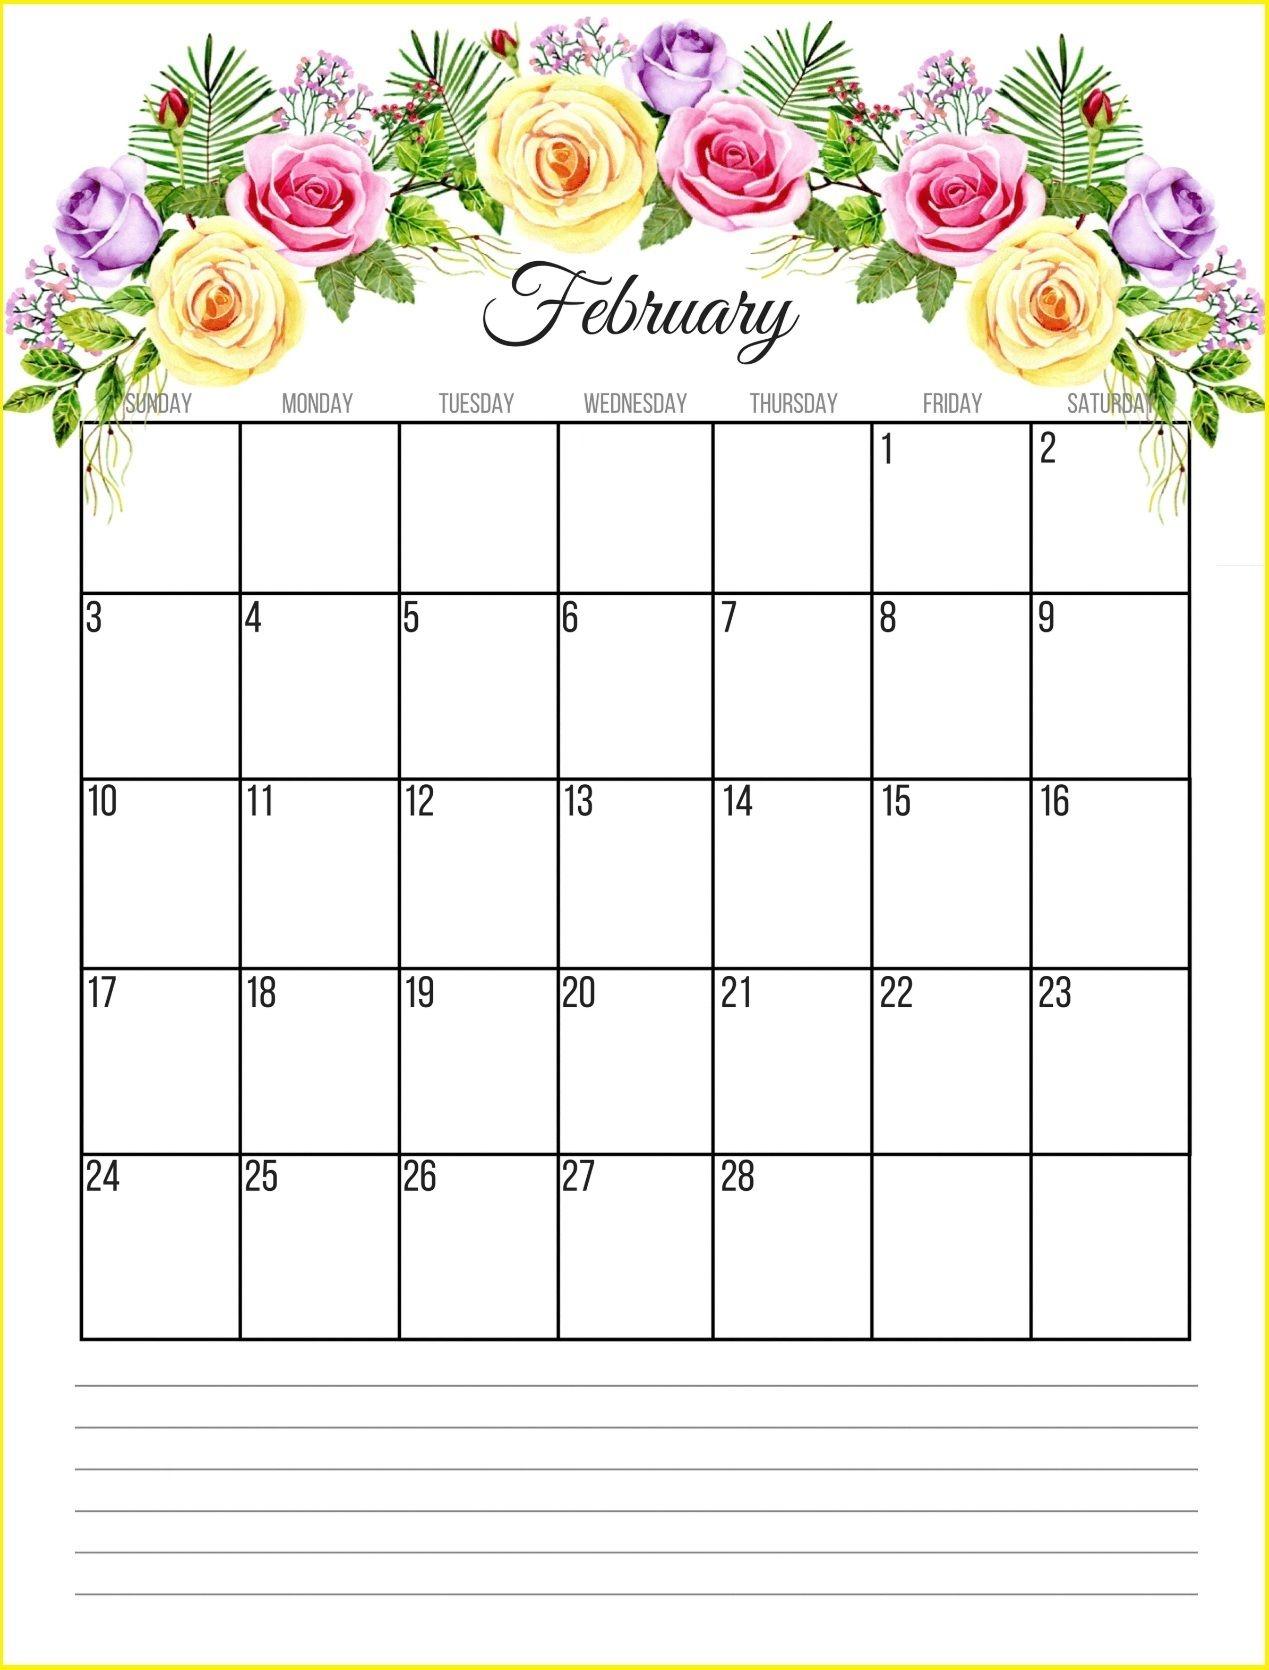 February 2019 Calendar Designs